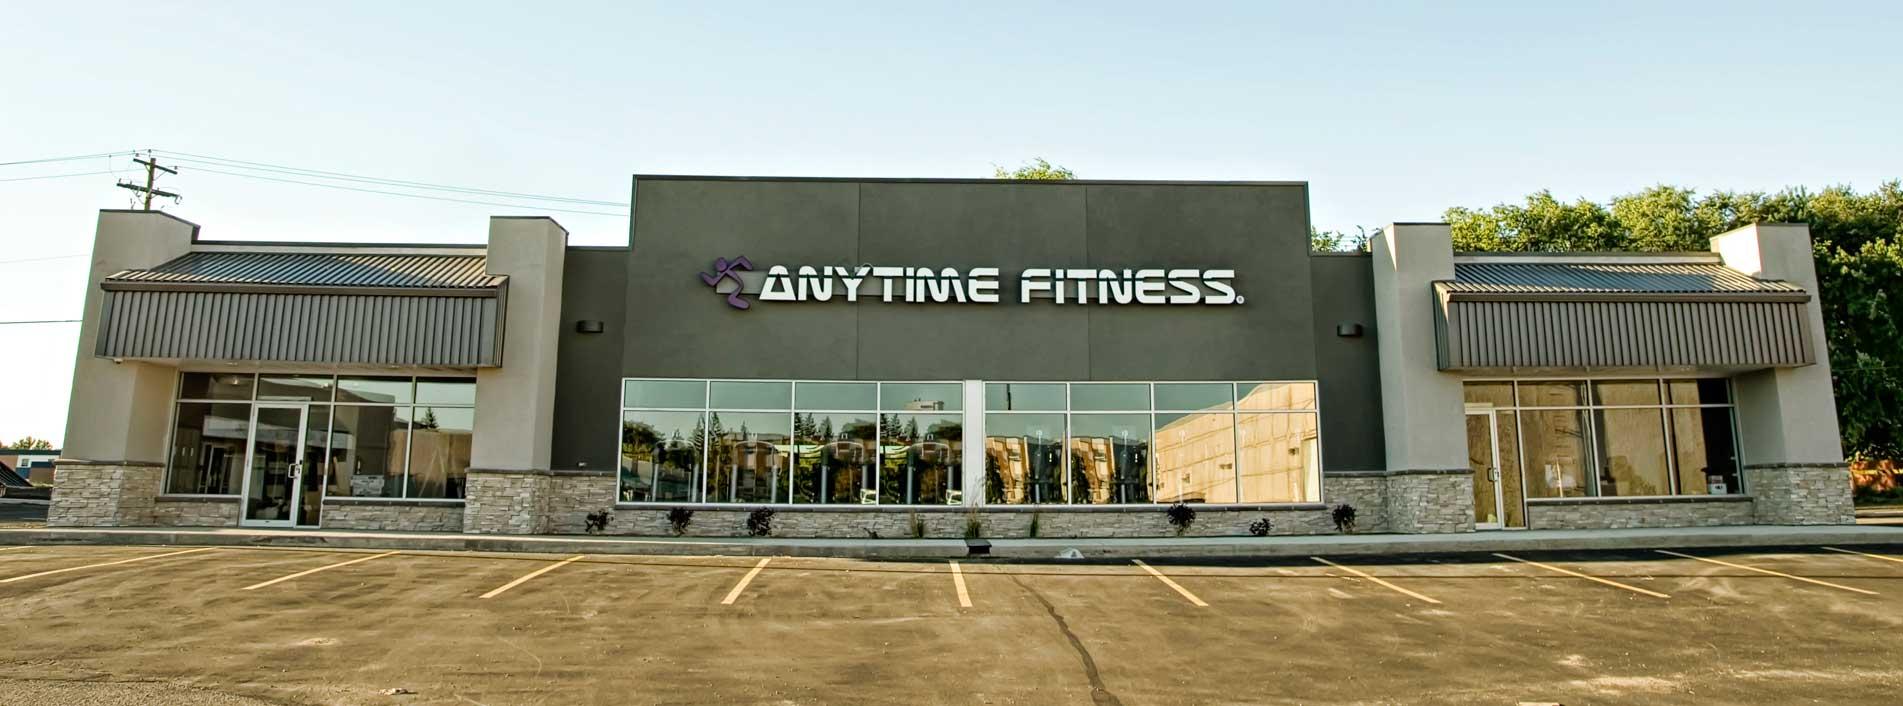 Anytime Fitness, Brandon, VBJ Developments